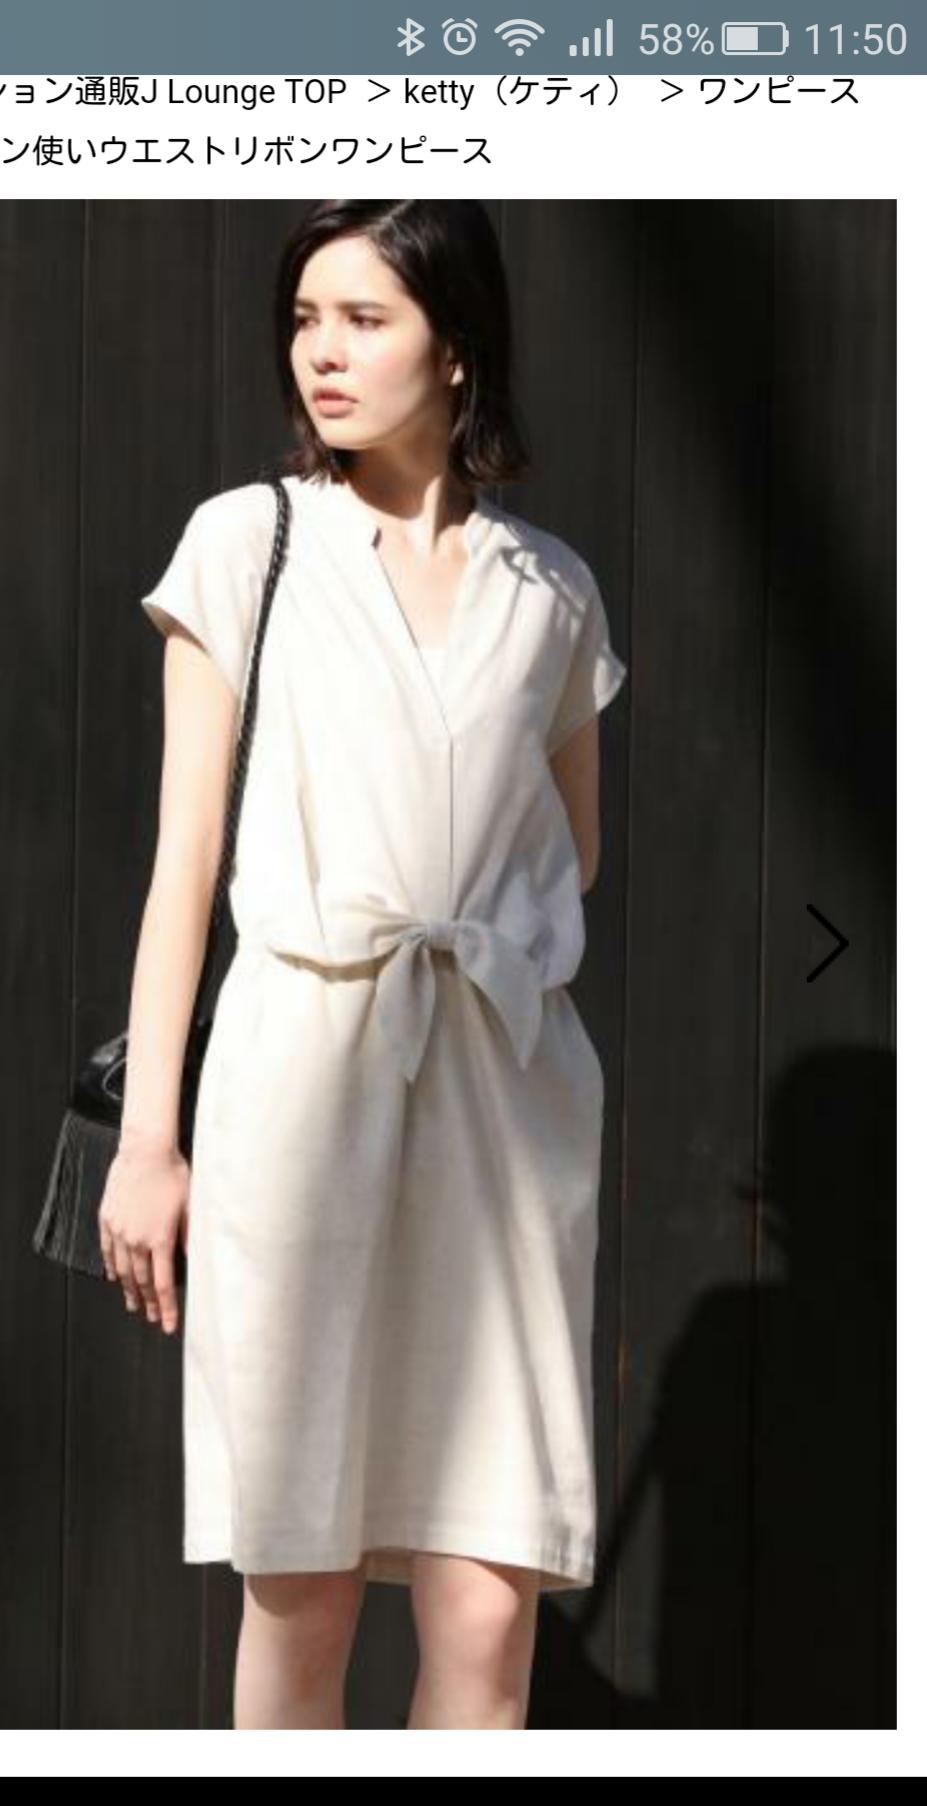 【洋服】ワンピースが好き!